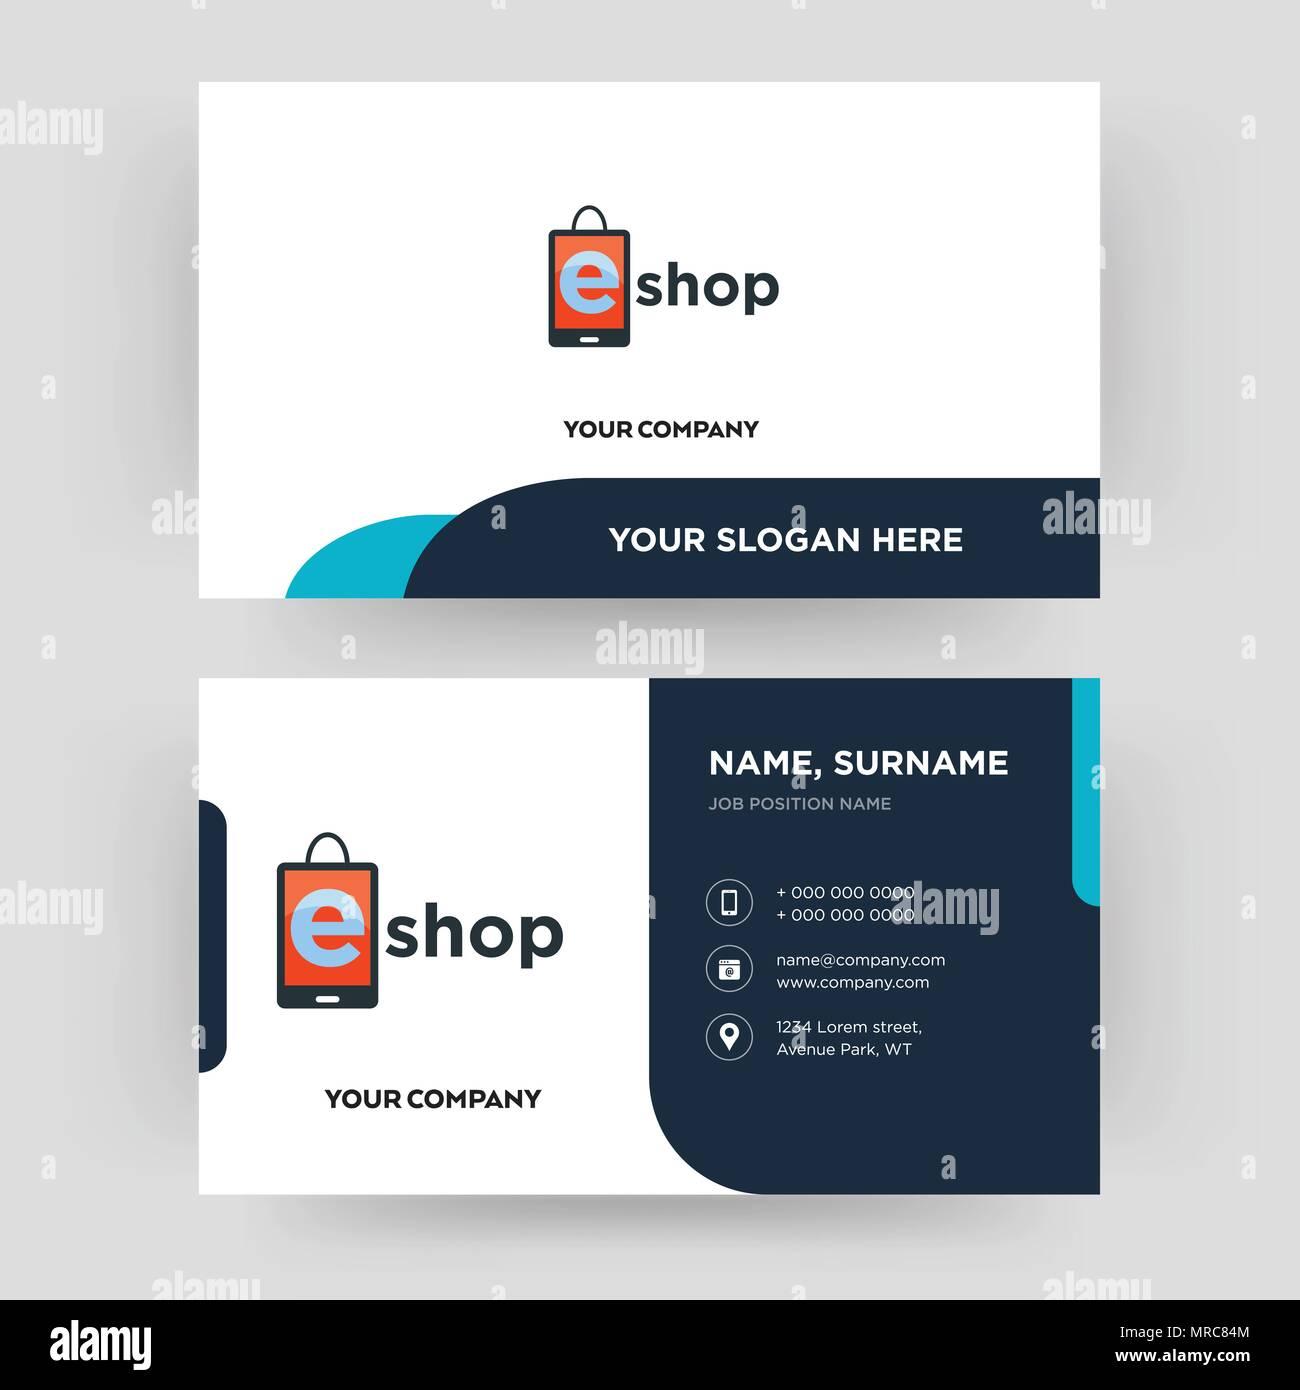 La Boutique En Ligne Carte De Visite Modle Conception Pour Votre Entreprise Crative Et Moderne Didentit Propre Vector